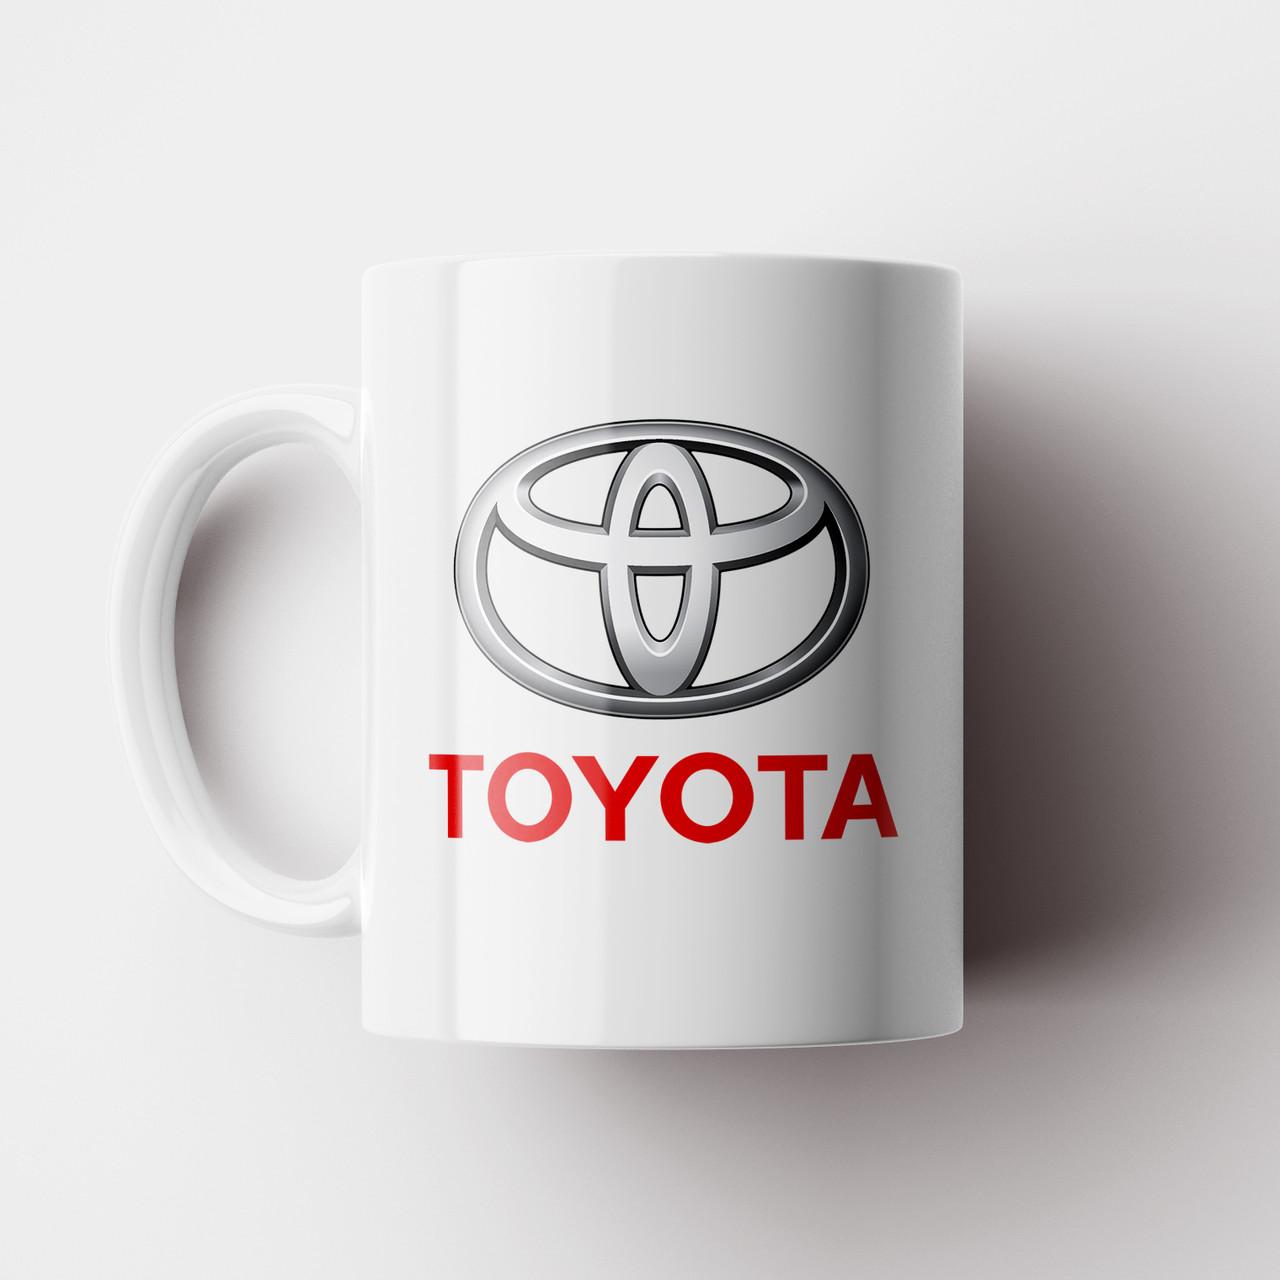 Кружка Toyota. Тойота